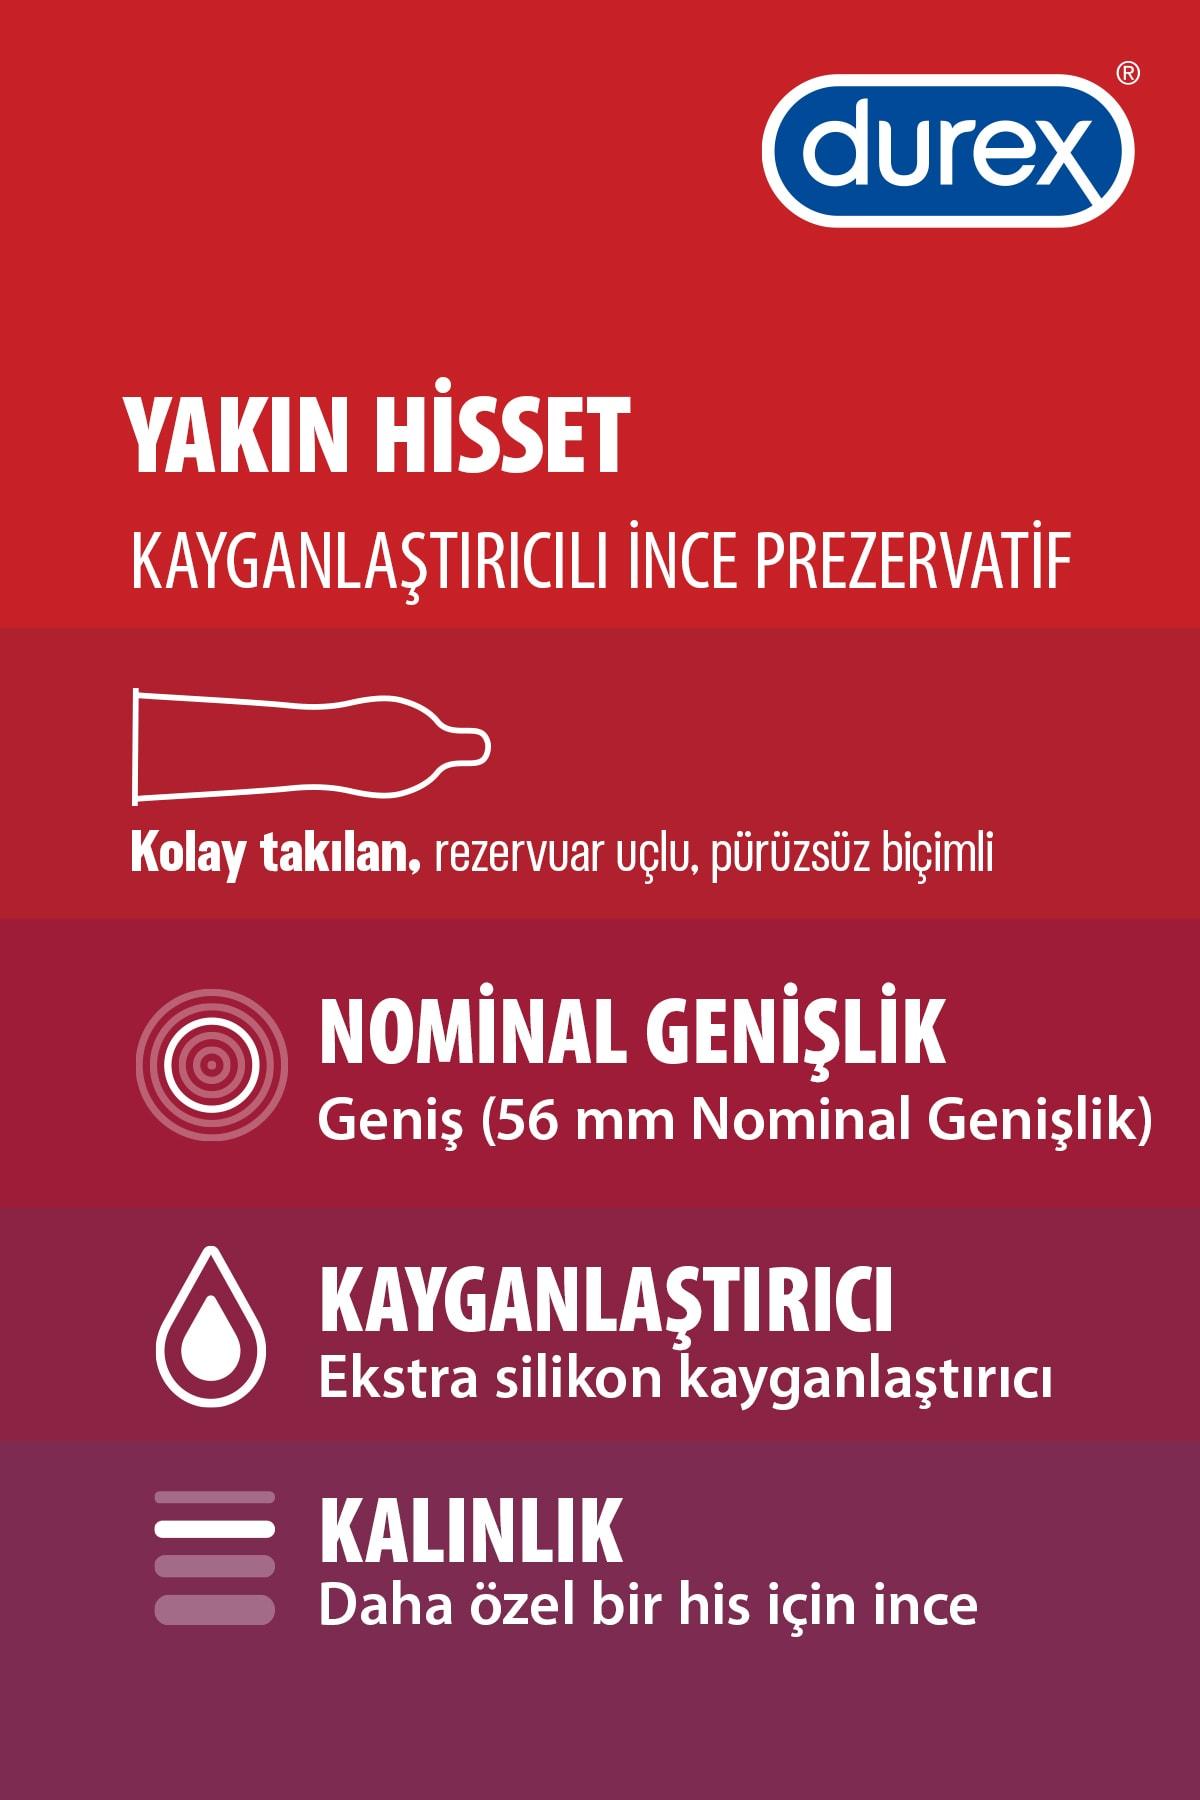 Durex Yakın Hisset Ince Prezervatif, 20'li Avantaj Paketi 2